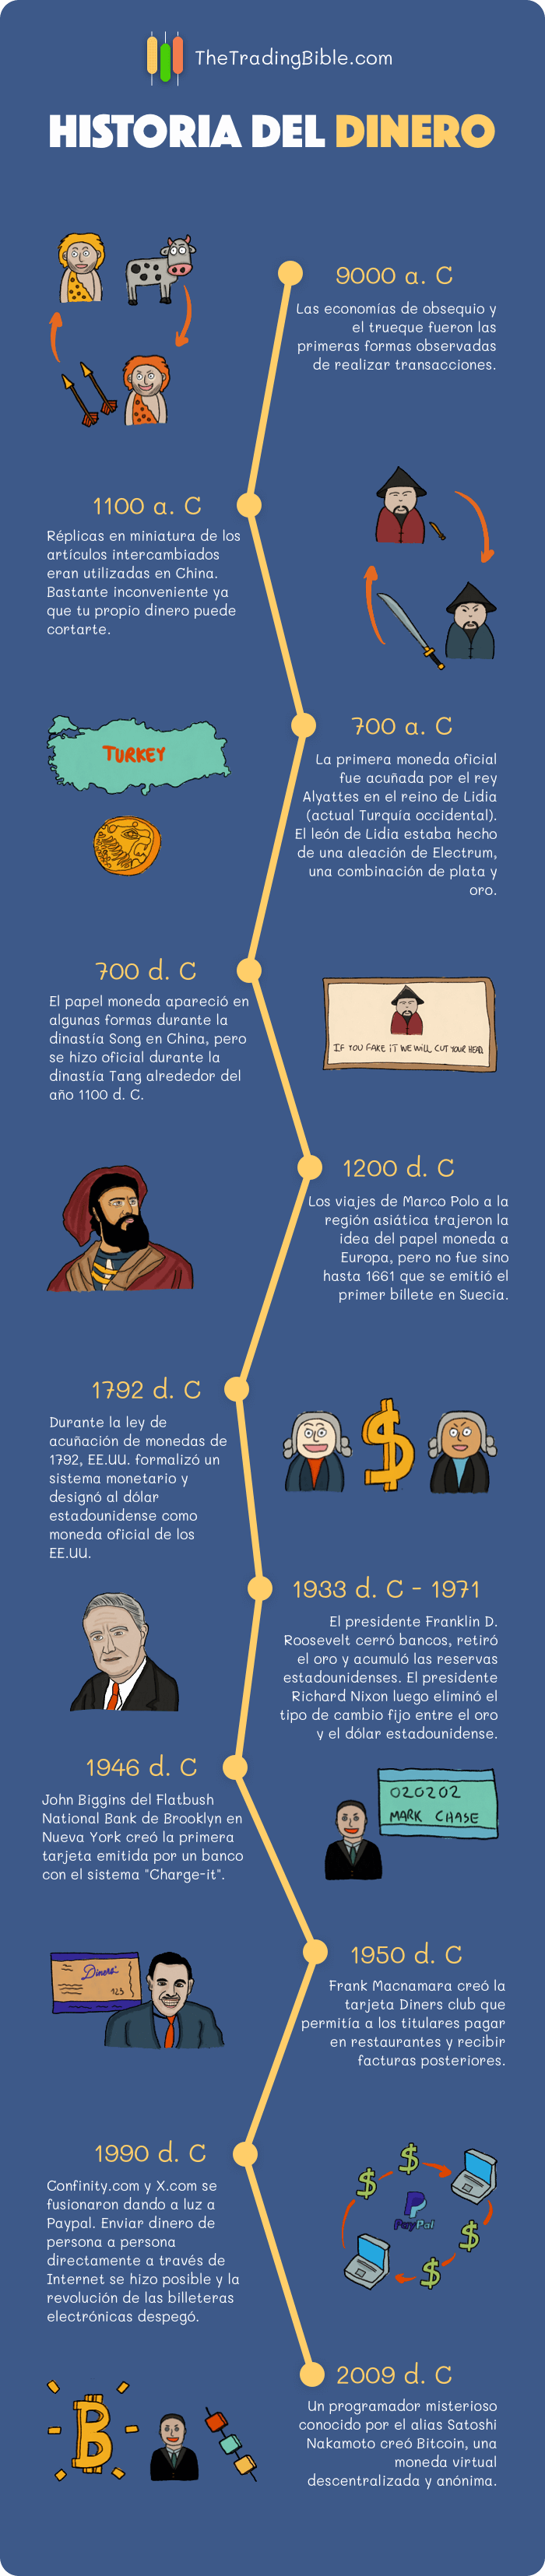 Historia del Dinero Infografia